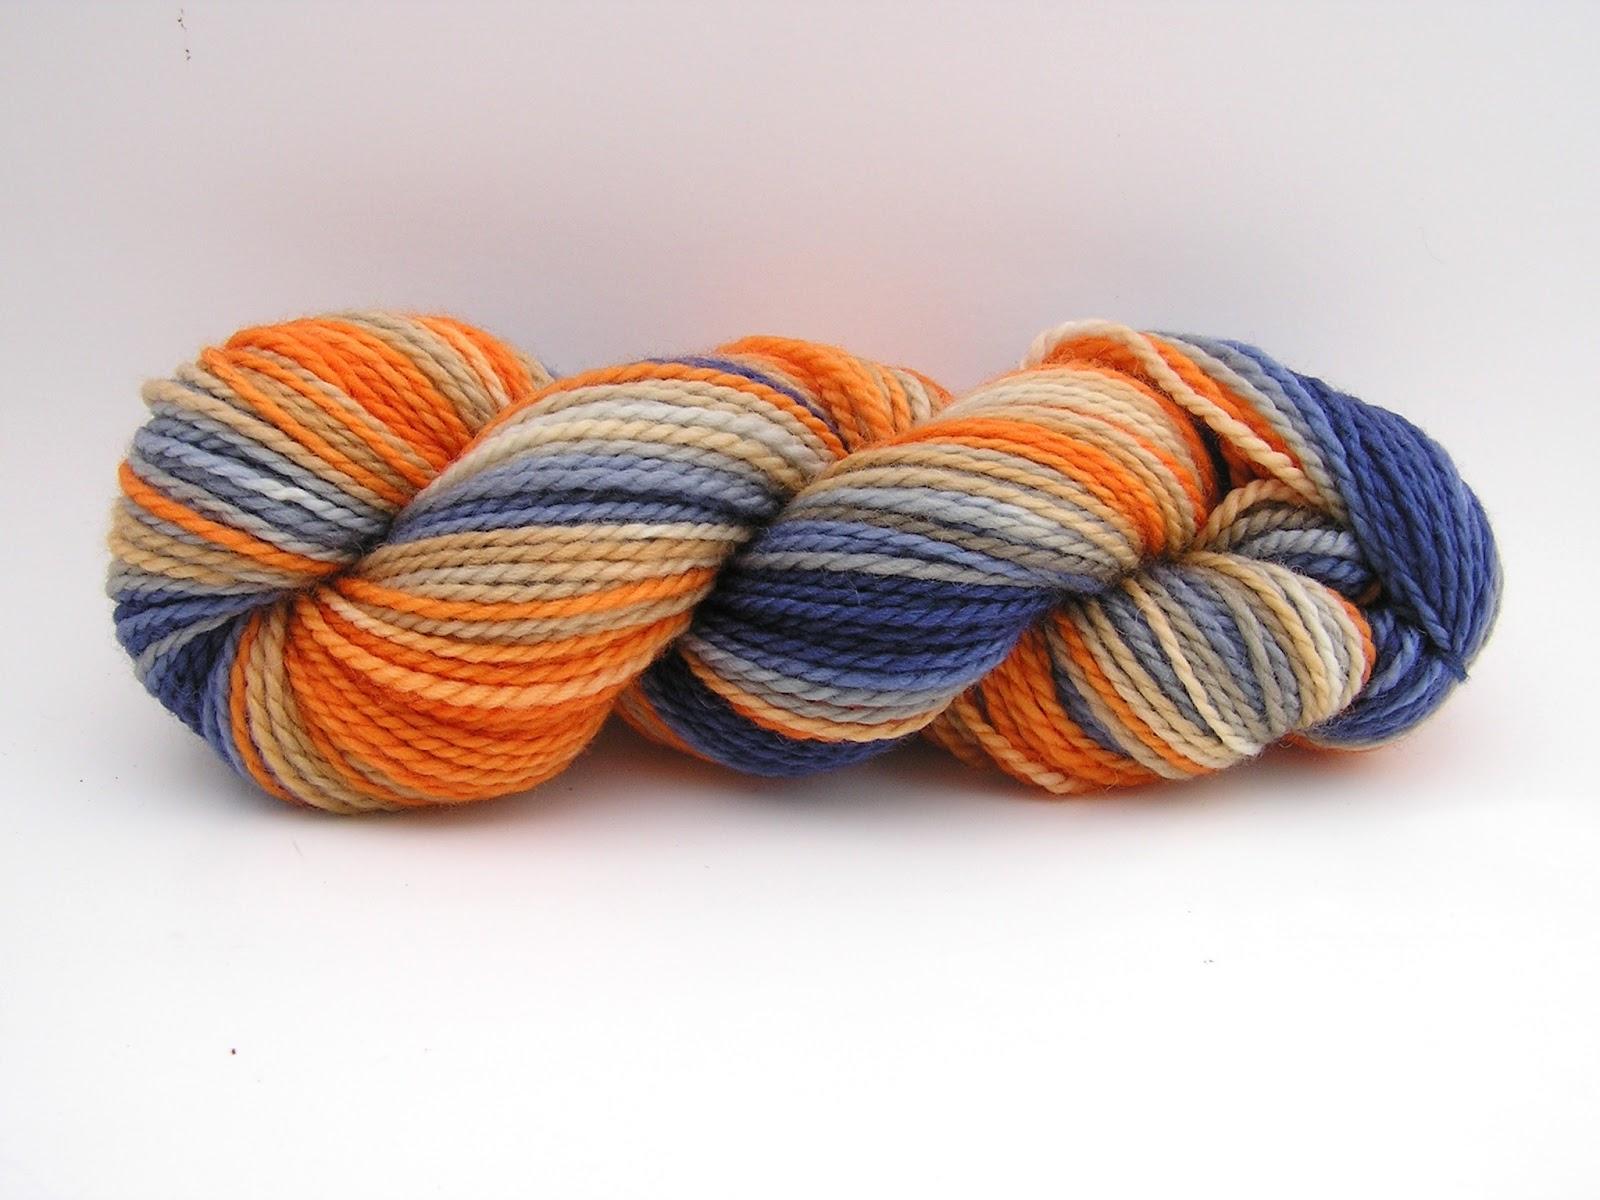 Squishy Yarn : Everything Old: Shop Update: Squishy New Yarn Base!